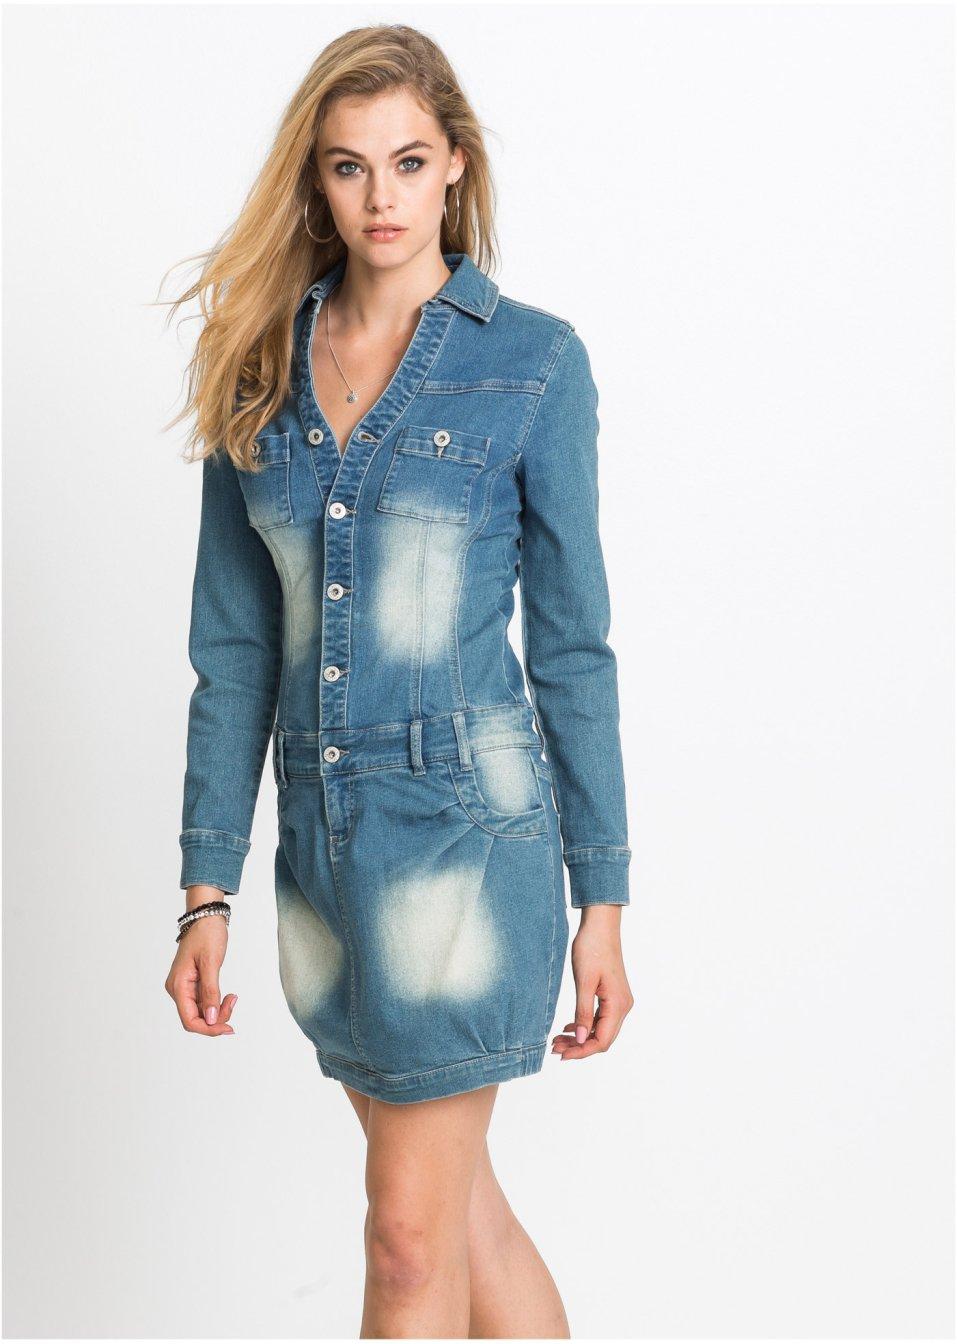 bcad3ed7502 Džínové šaty s dlouhým rukávem modrá stone - Žena - bonprix.cz